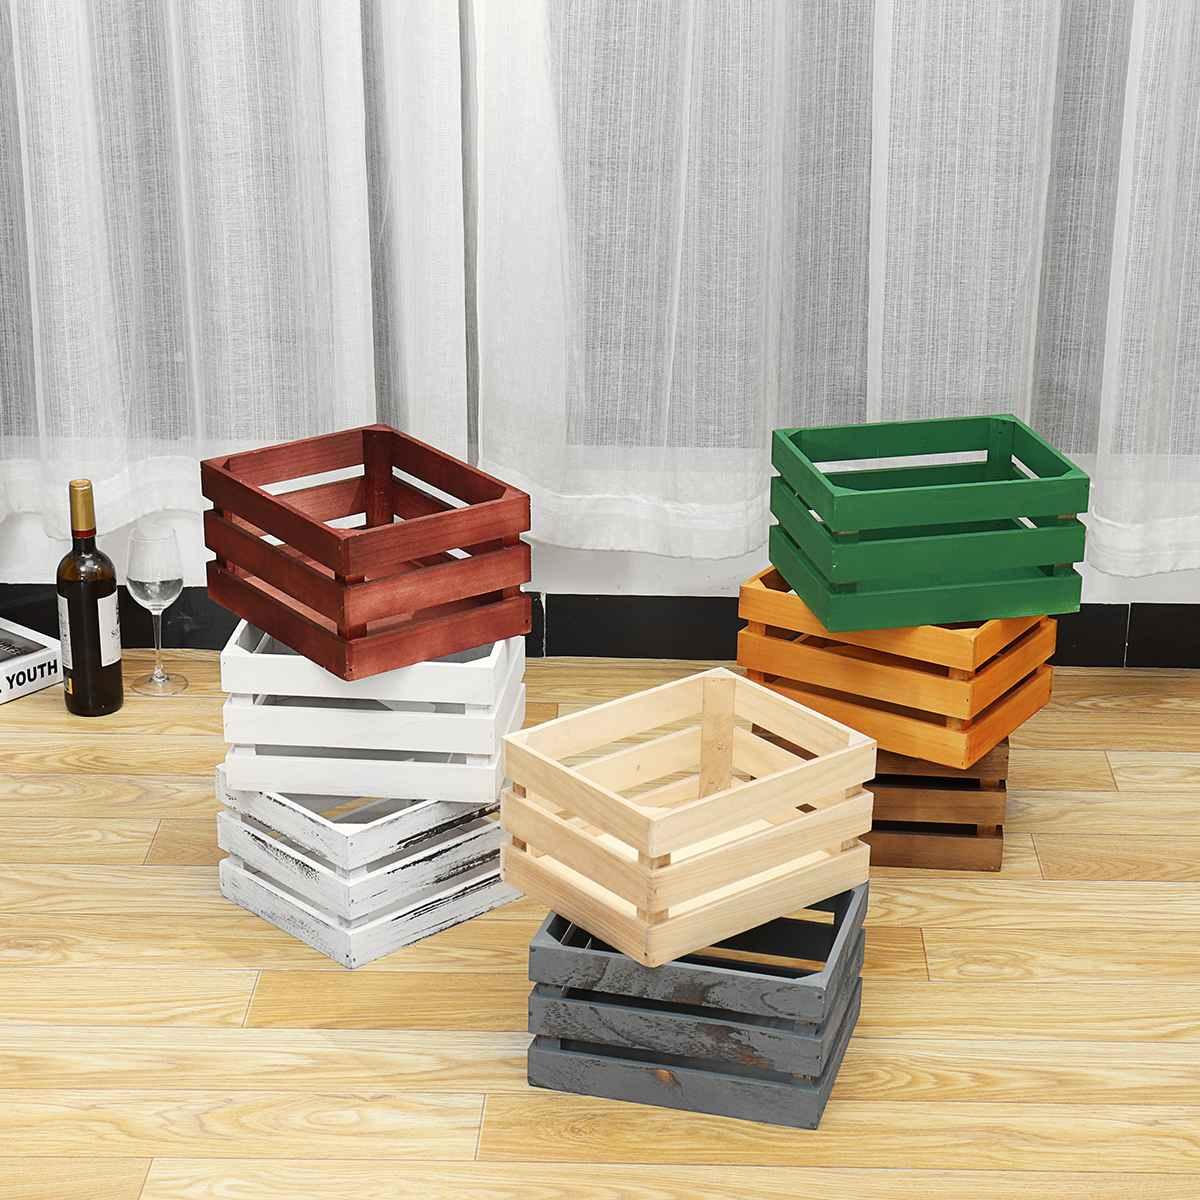 الخشب صندوق تخزين سمن رشاقته الفاكهة زينت مربع أشتات الحاويات منظم مستحضرات التجميل صندوق تخزين للمنزل زراعة 8 اللون